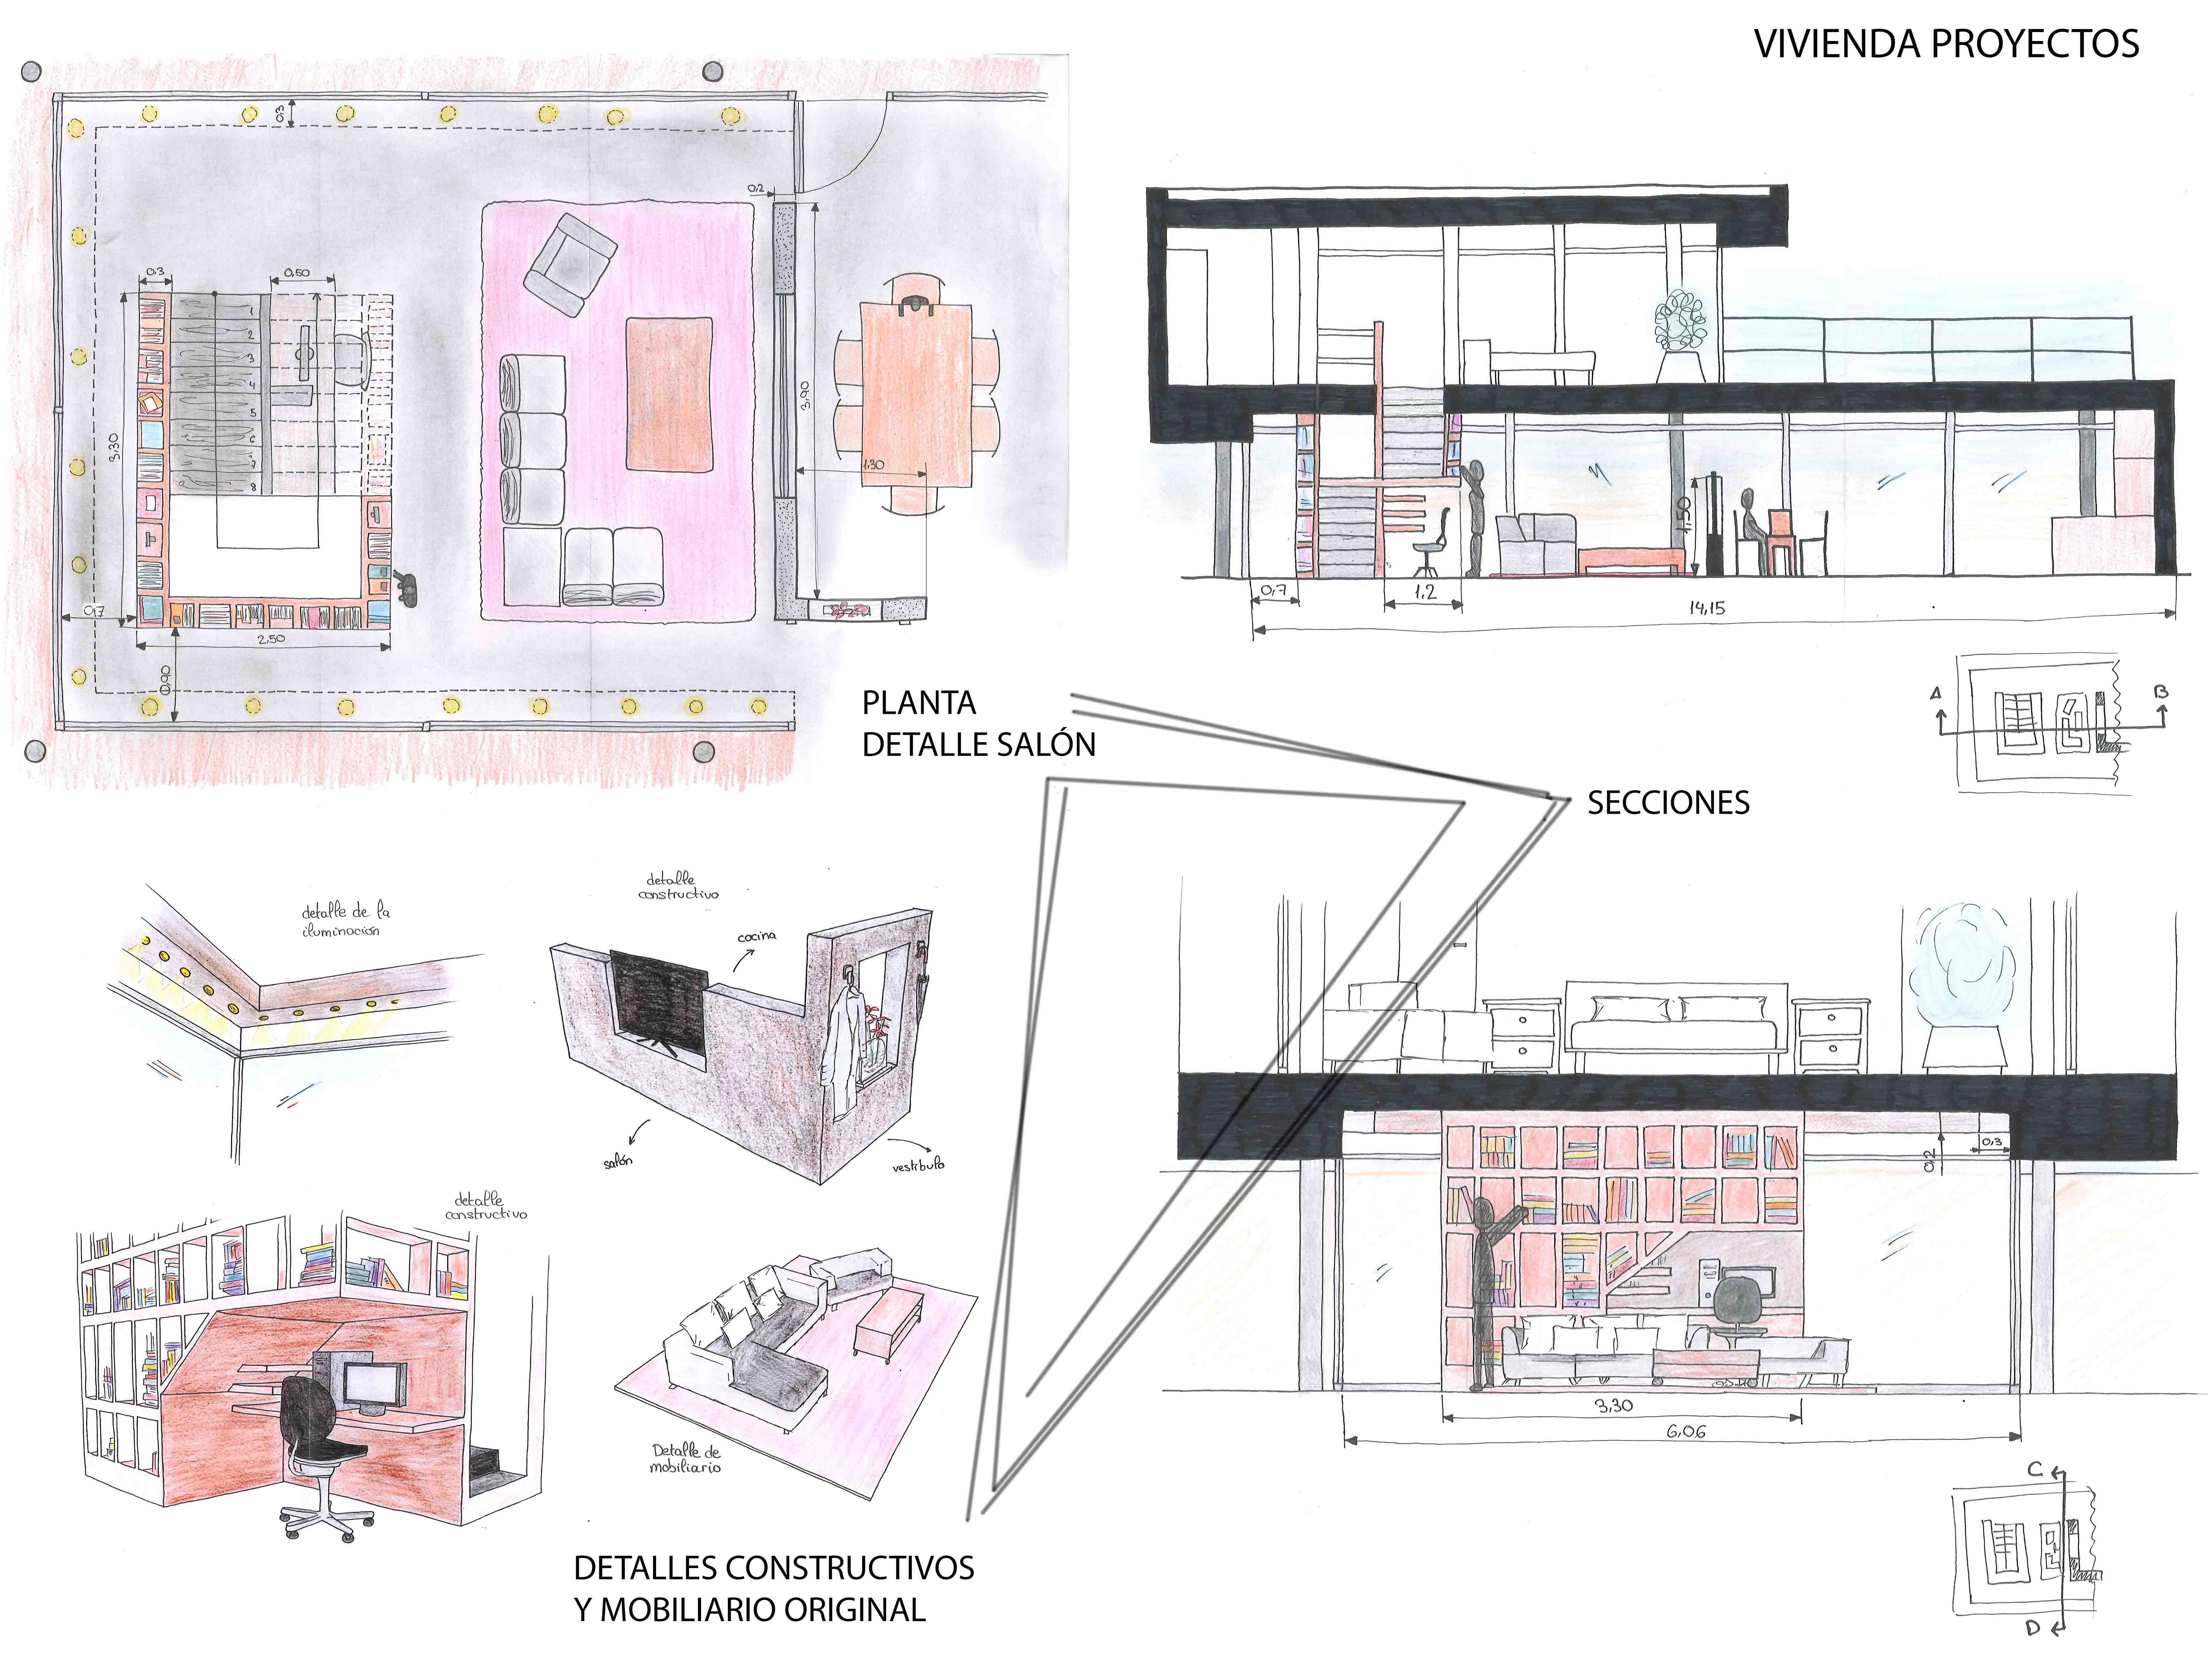 Escuela superior de dise o de arag n proyecto house - Proyecto diseno de interiores ...